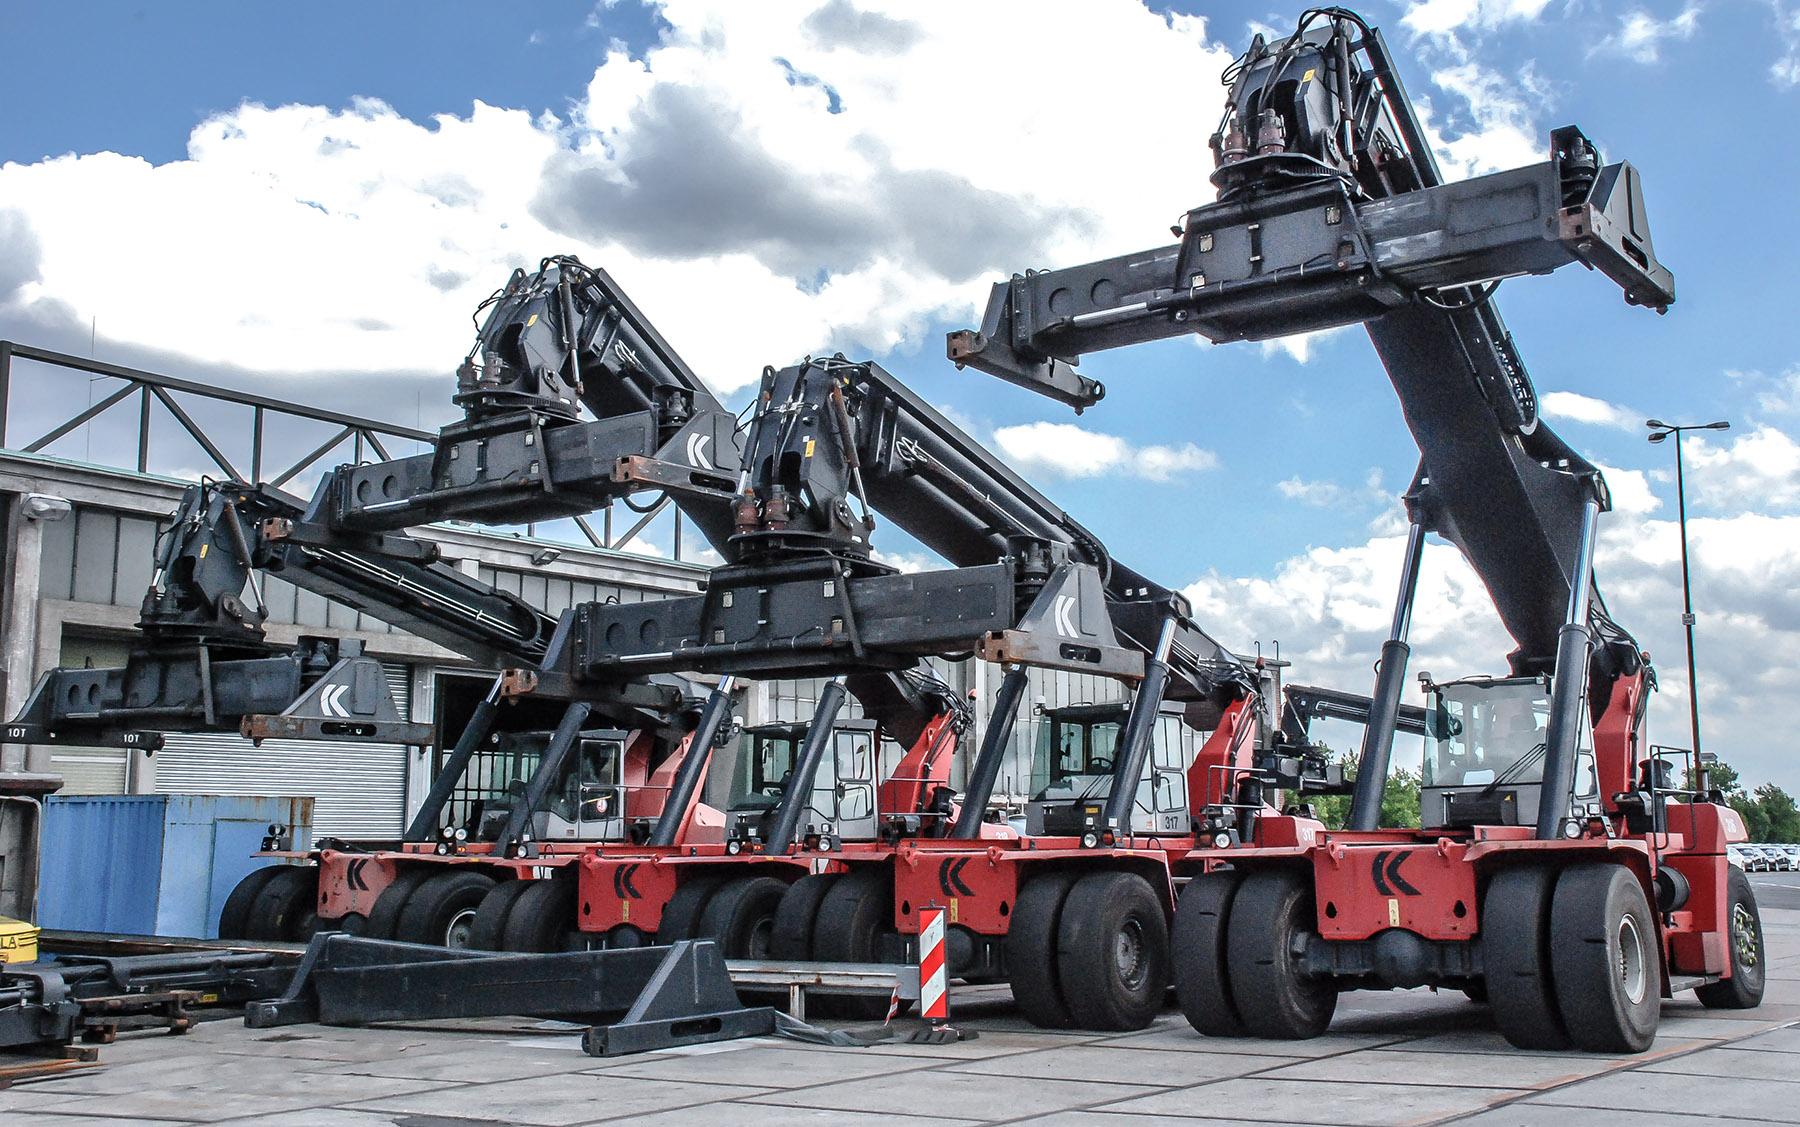 KLEINWORT & BITTERMANN TRADING GmbH